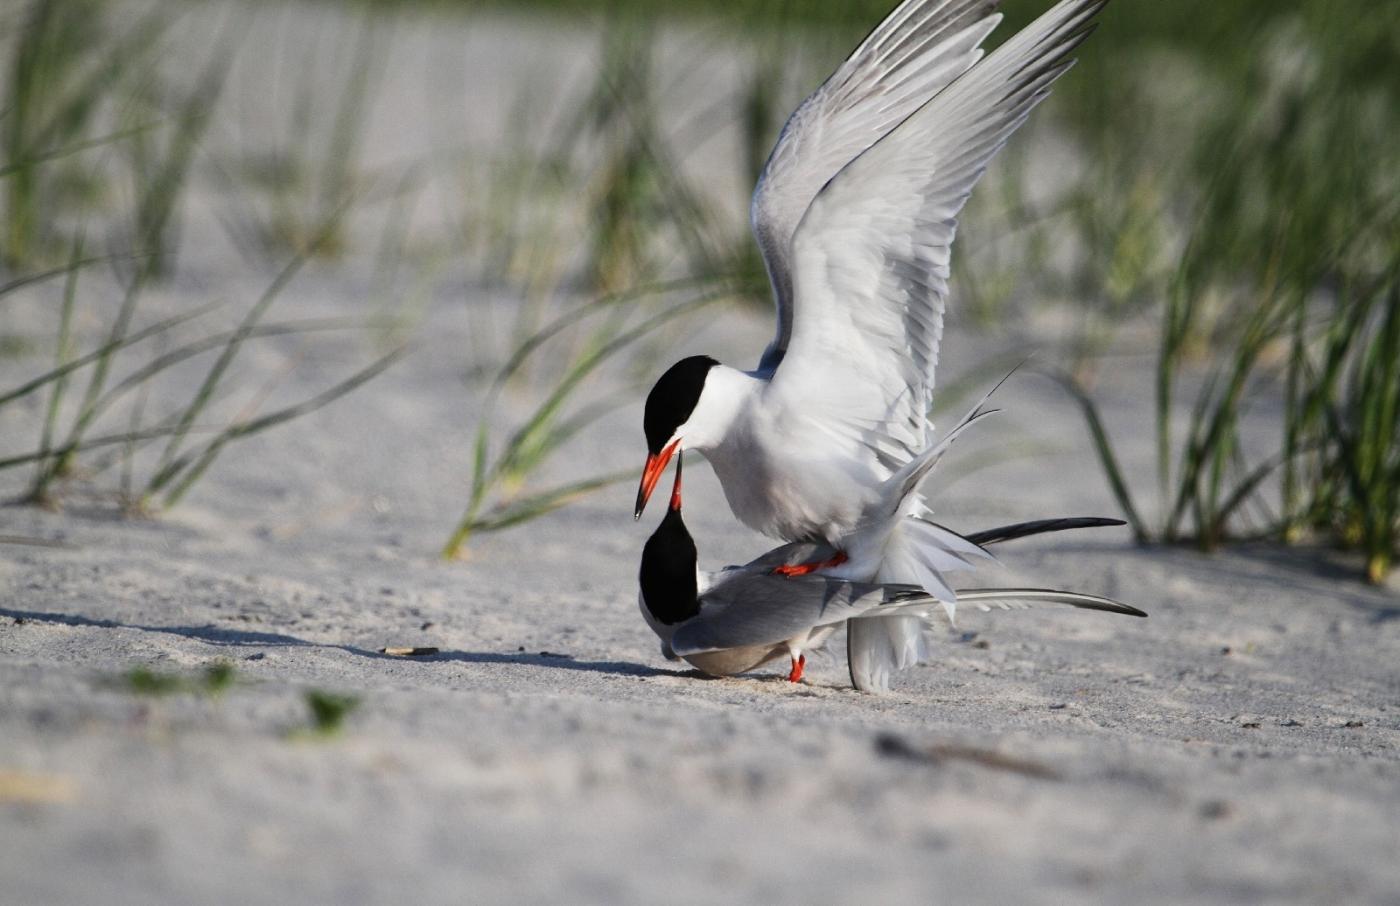 【田螺摄影】nickerson beach拍燕鸥求爱[二]_图1-12